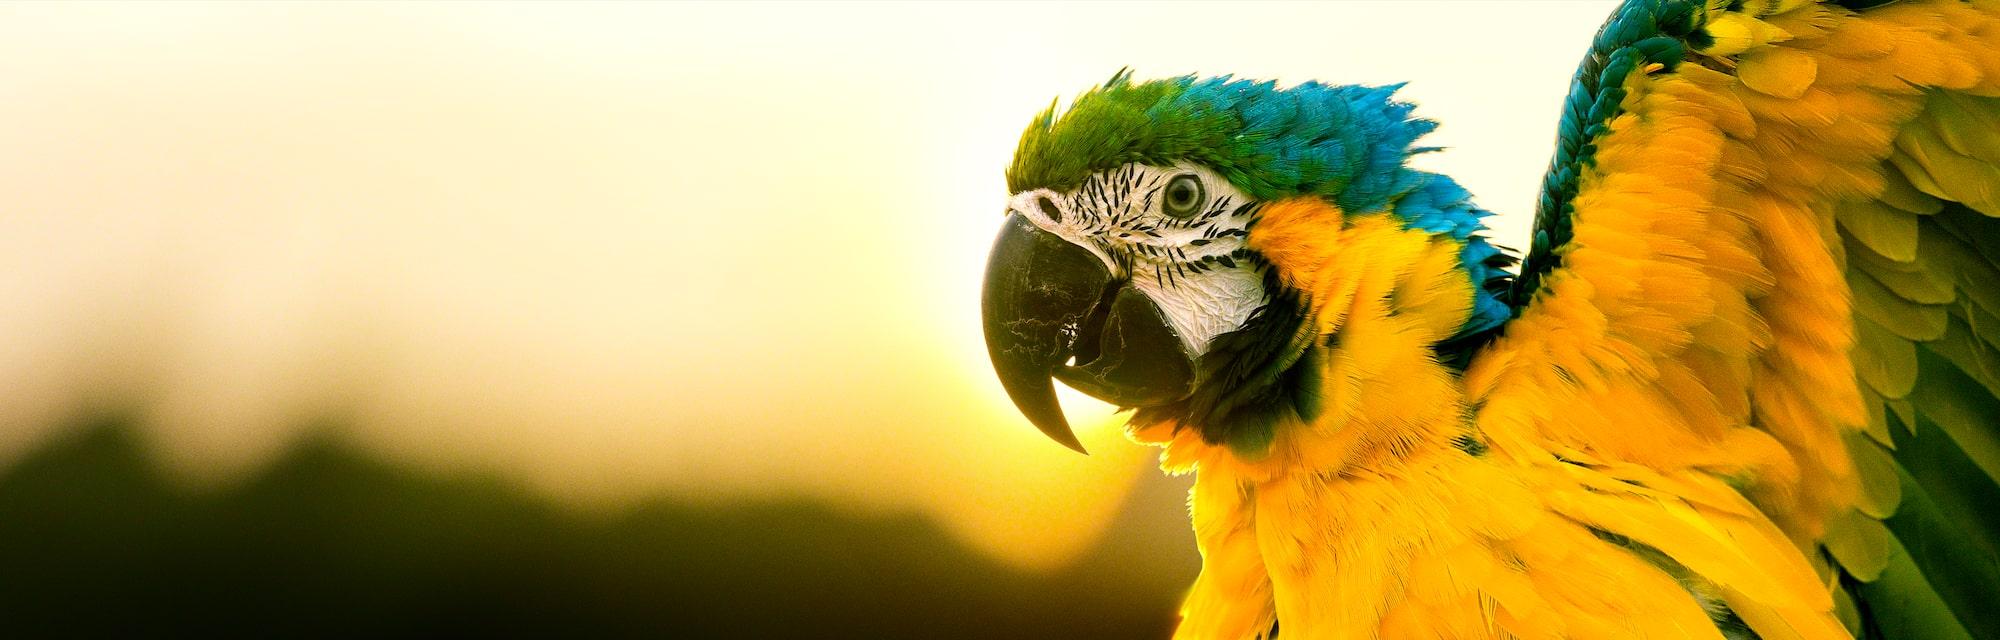 Υπέροχες εικόνες OLED, όπως τις βλέπει το ανθρώπινο μάτι